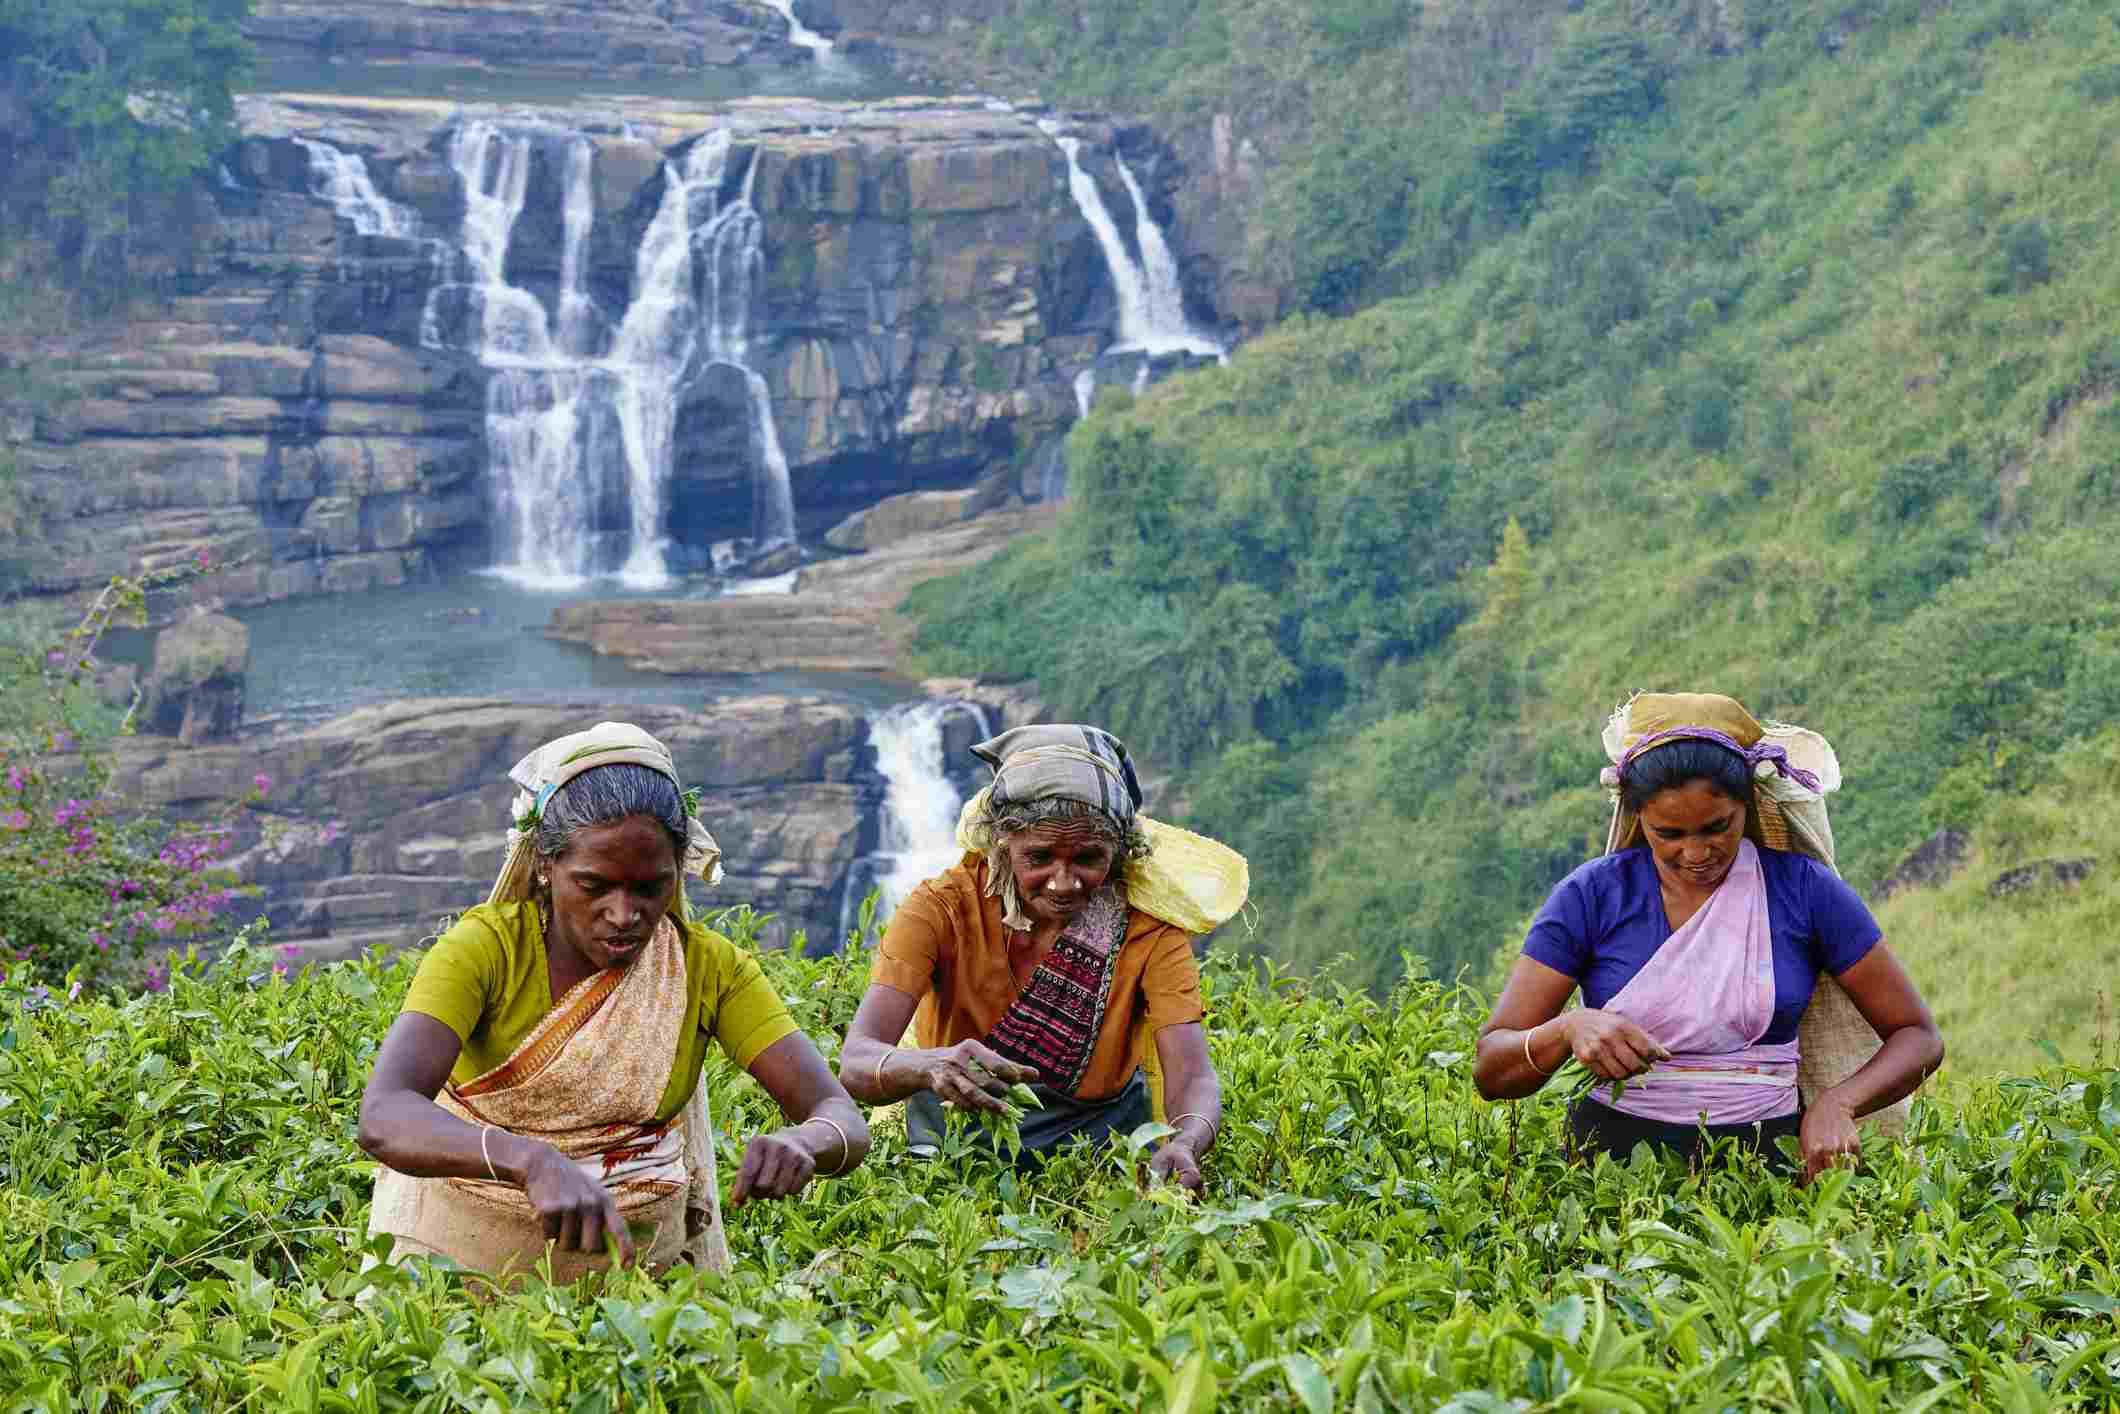 Tea picking in Sri Lanka.